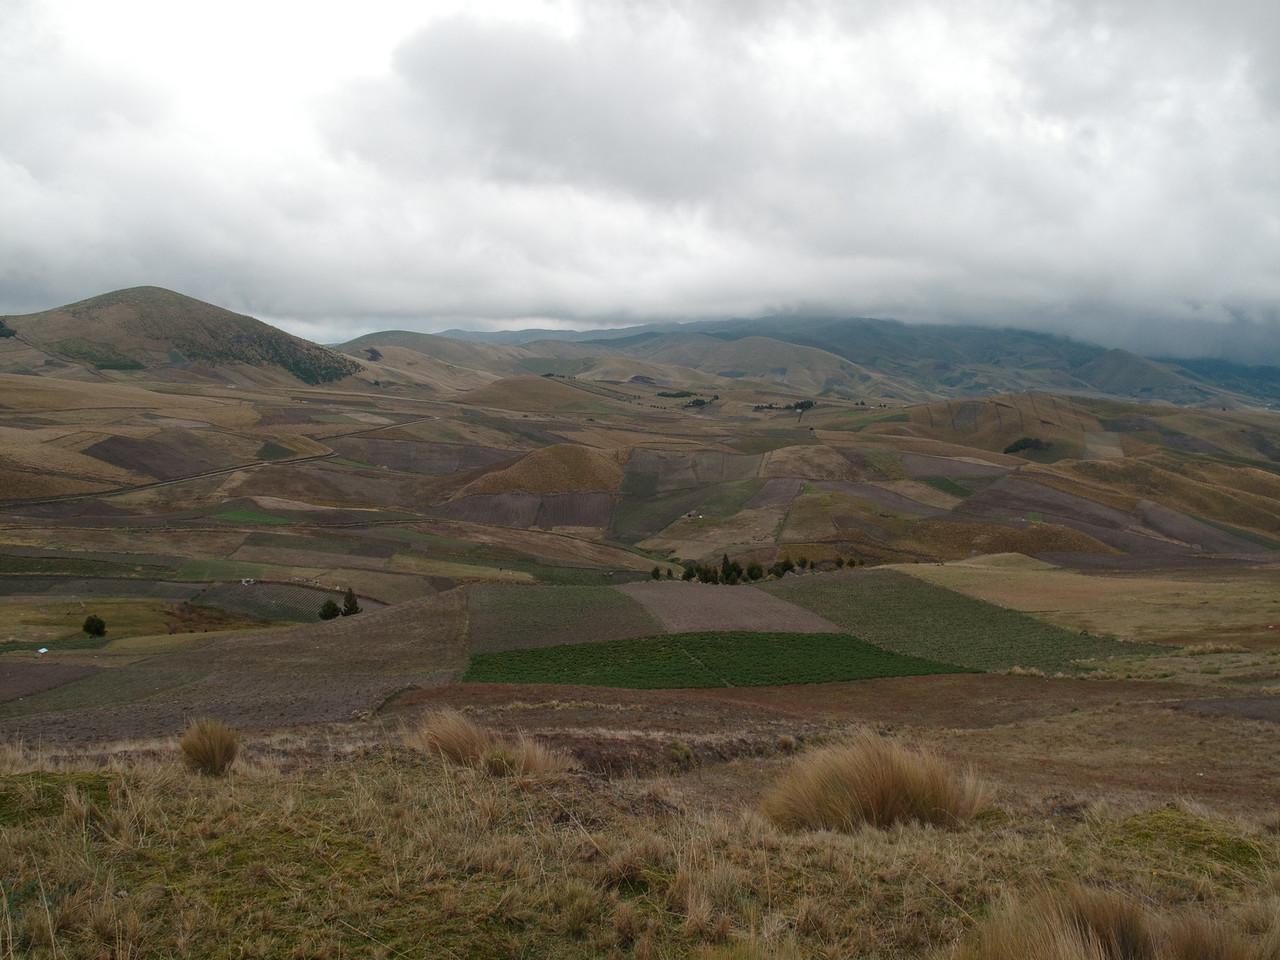 Andean Highlands